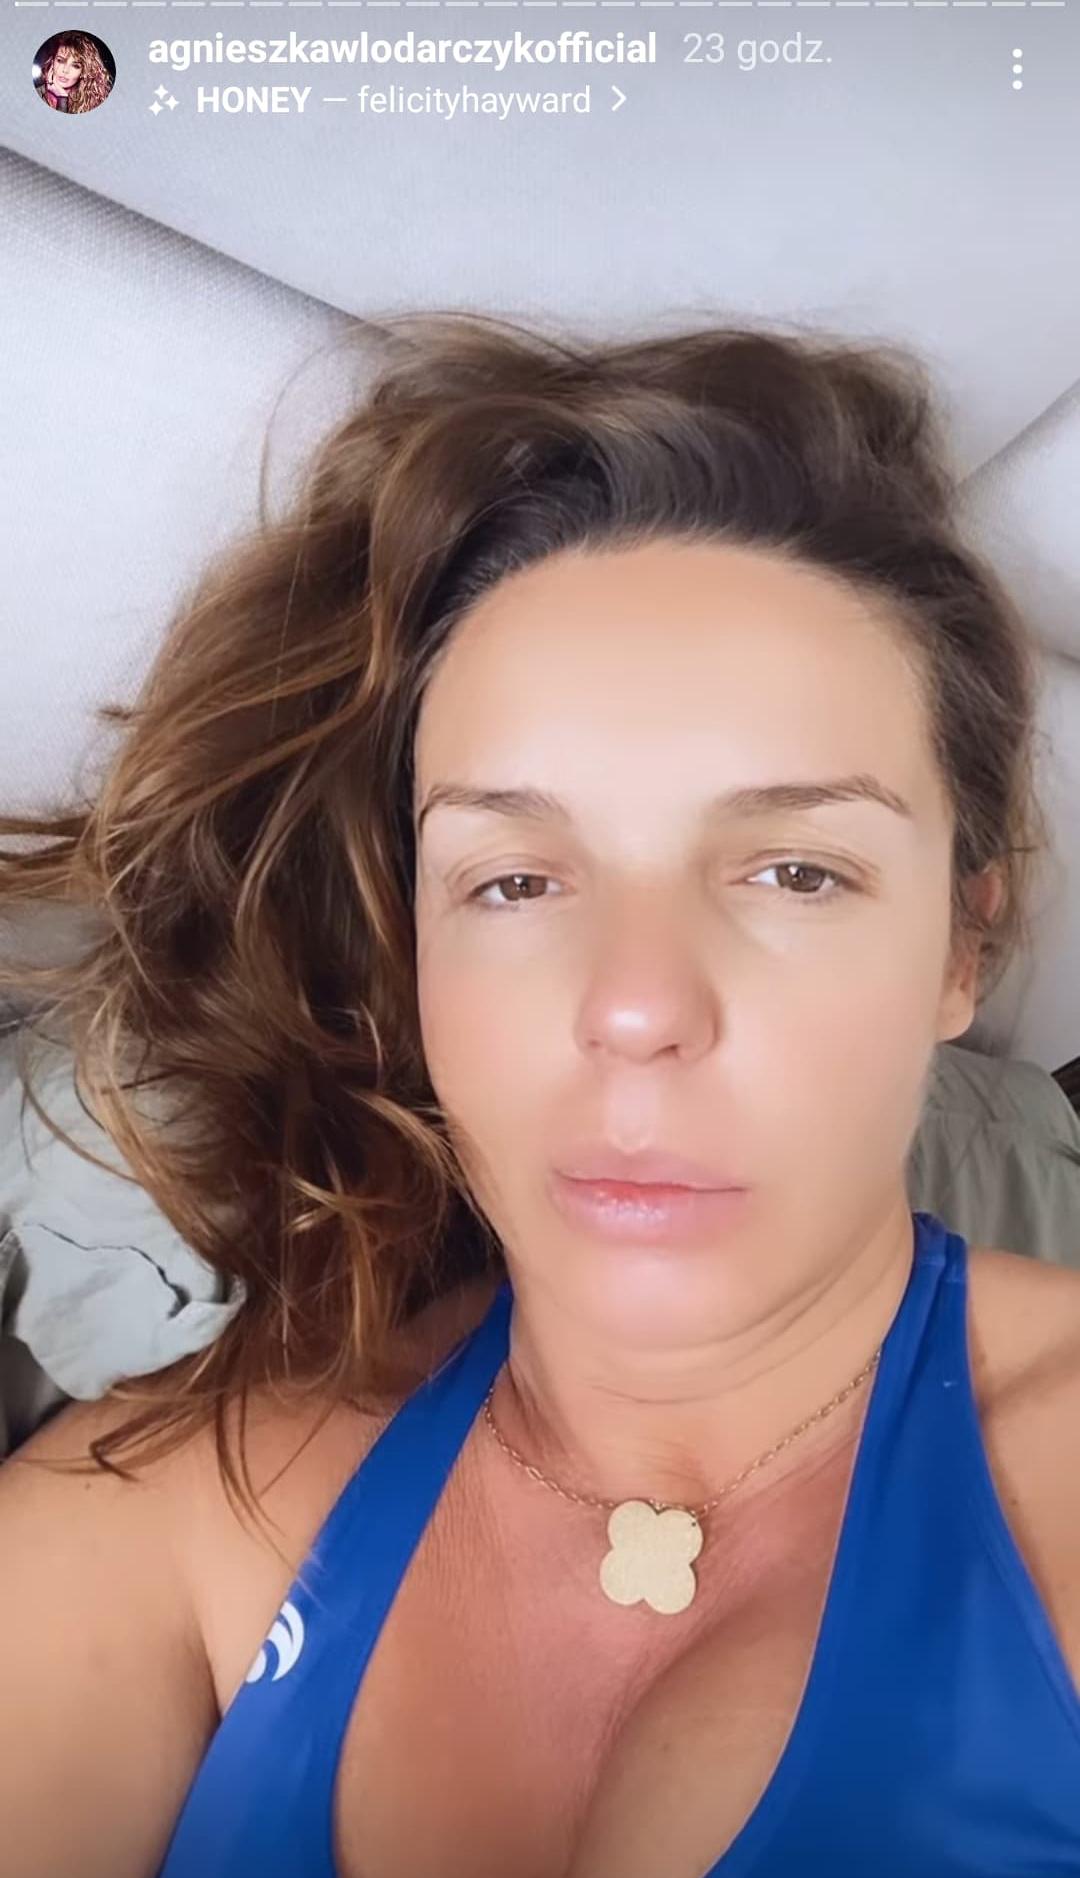 Agnieszka Włodarczyk spakowała się na porodówkę